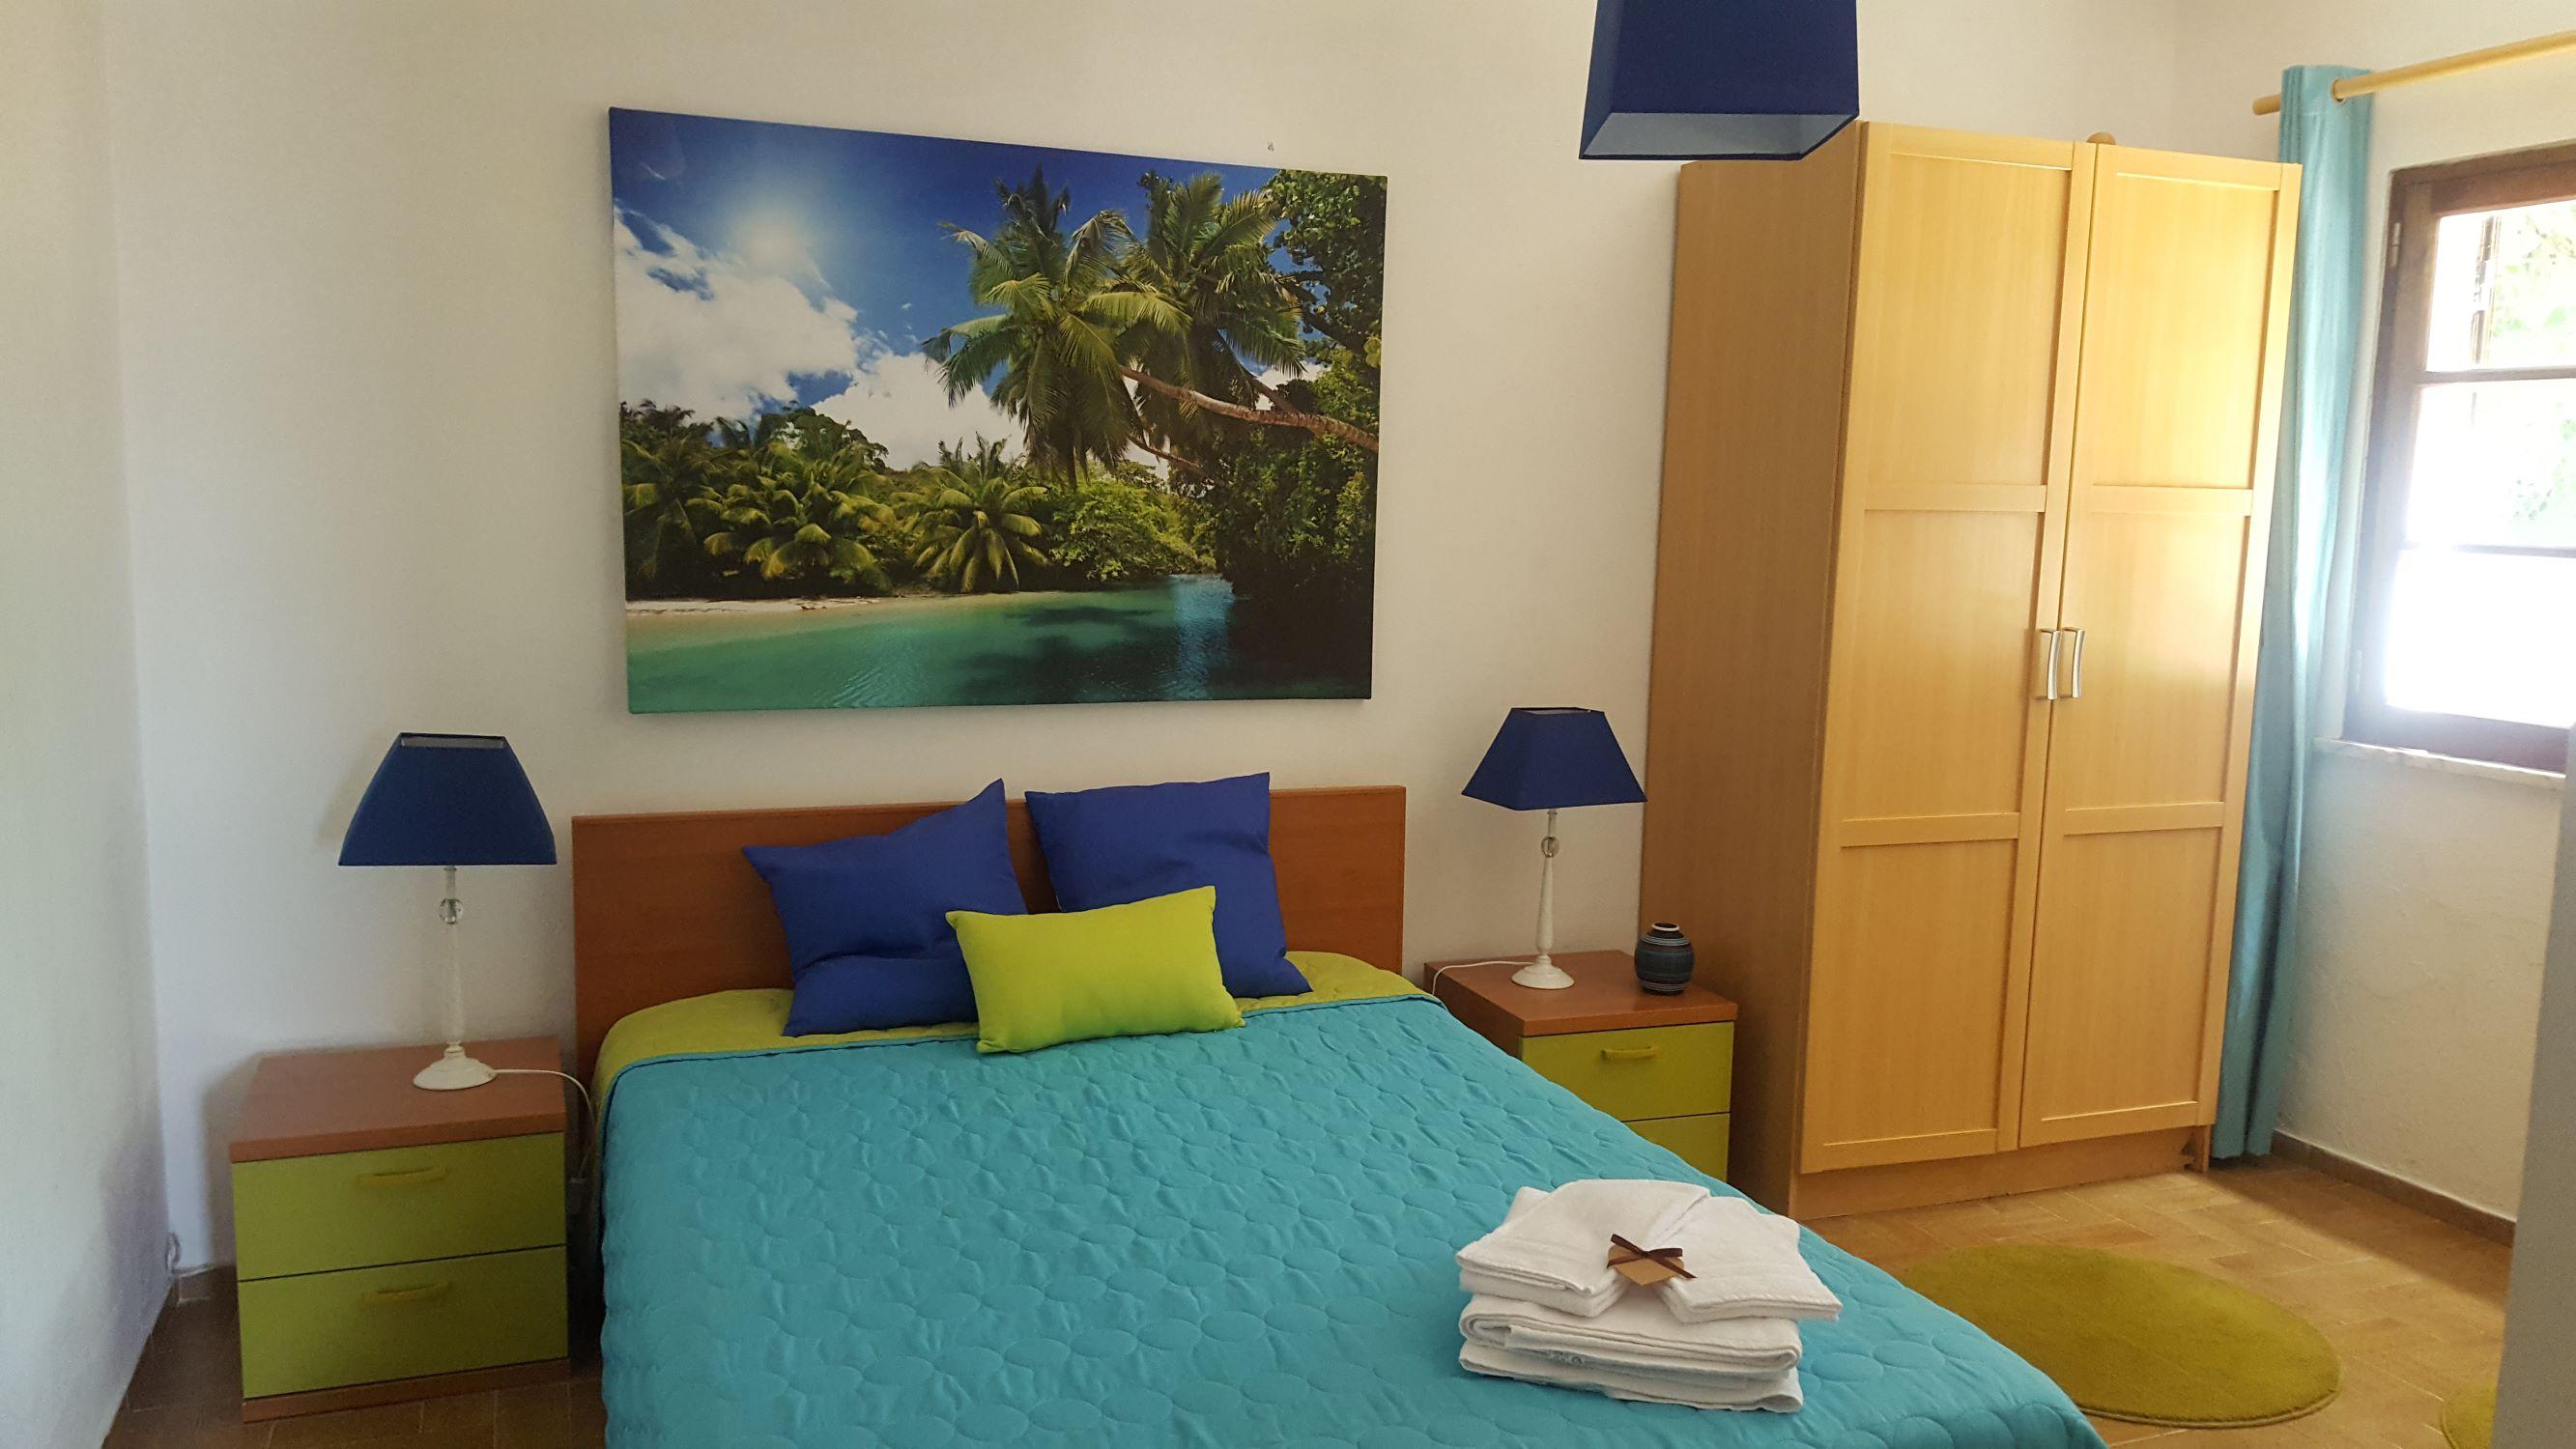 Location appartements et villas de vacance, Vivenda com piscina em Silves à Silves, Portugal Algarve, REF_IMG_8068_8087